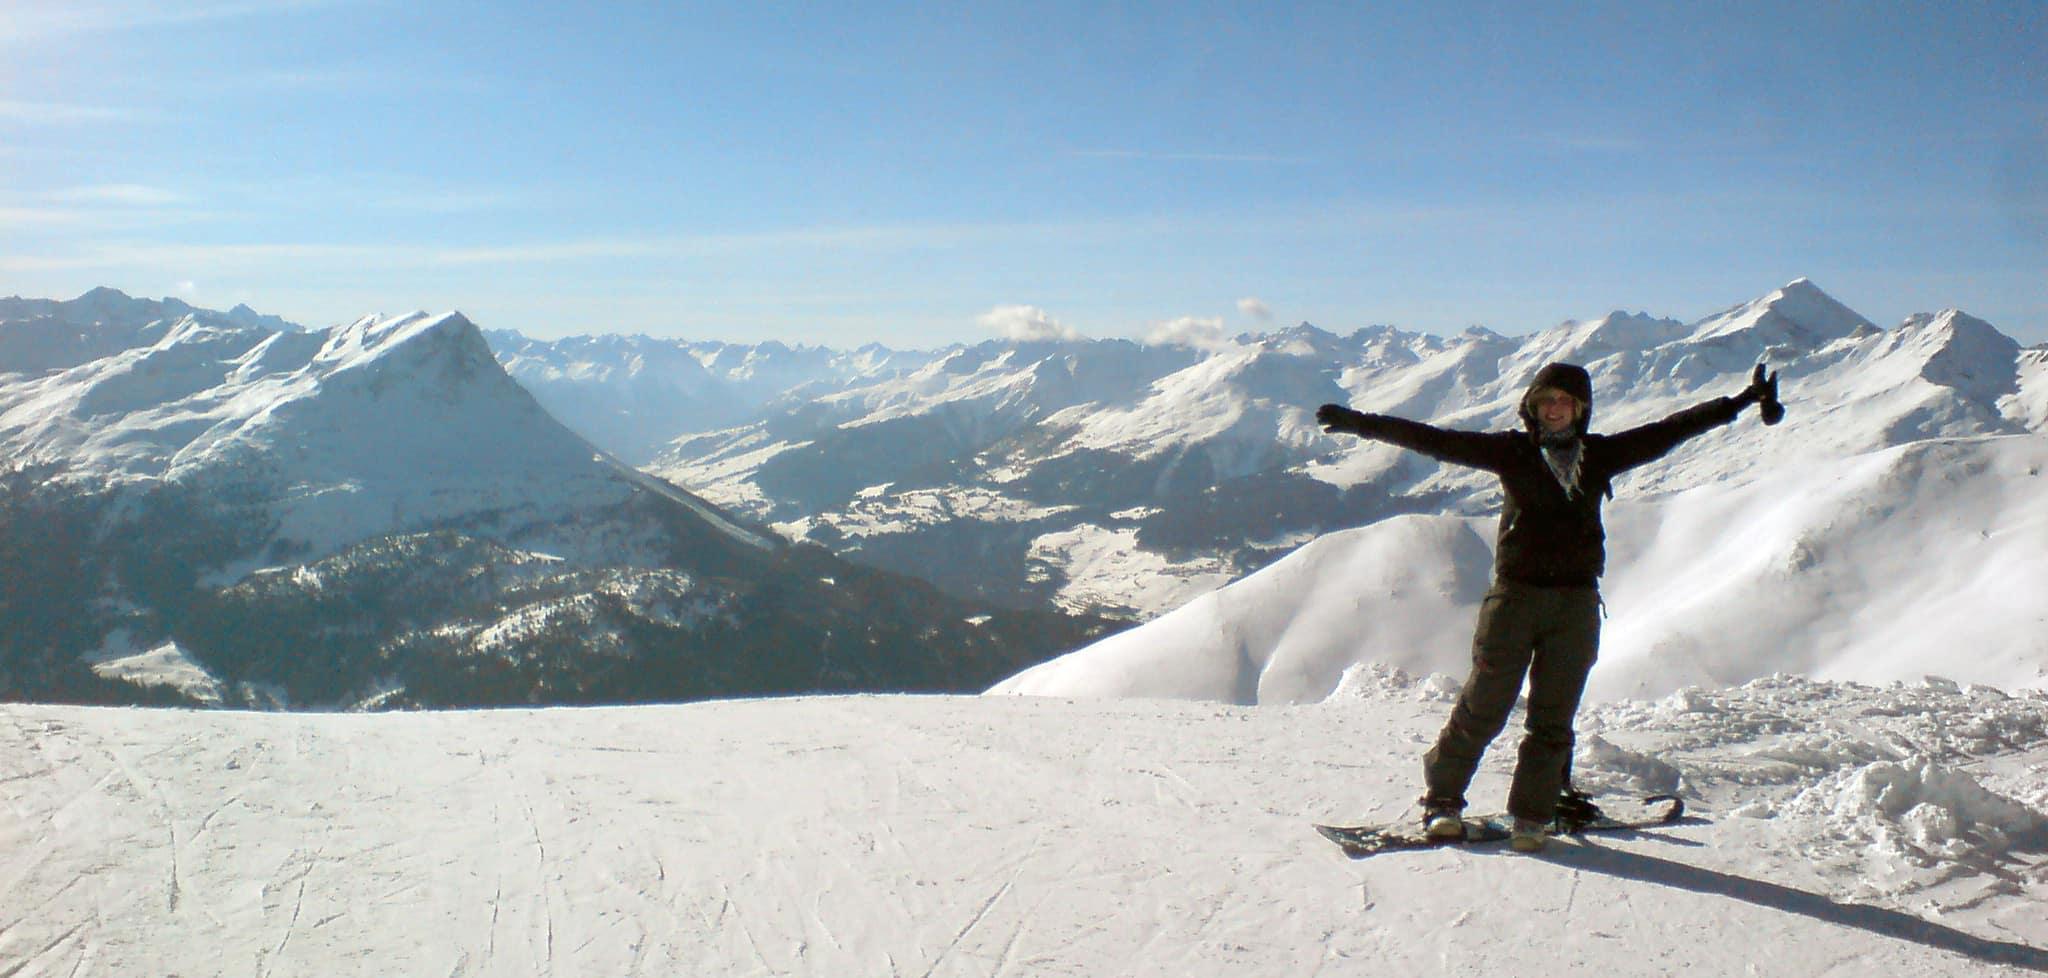 Hoera, ik hou van snowboarden!